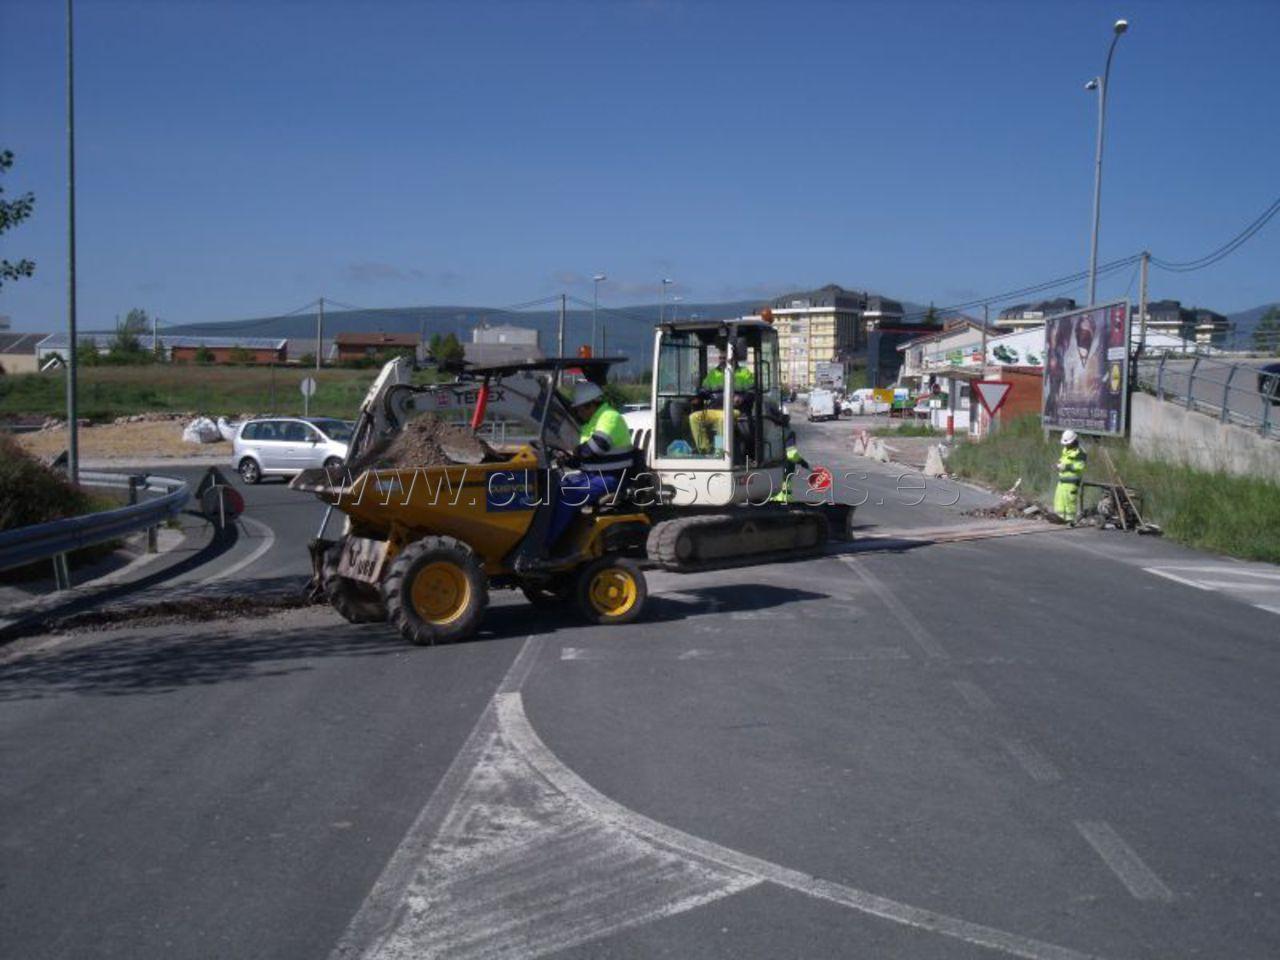 Nuevas acometidas y urbanización de nave industrial en San Miguel de Aguayo, Reinosa, Cantabria